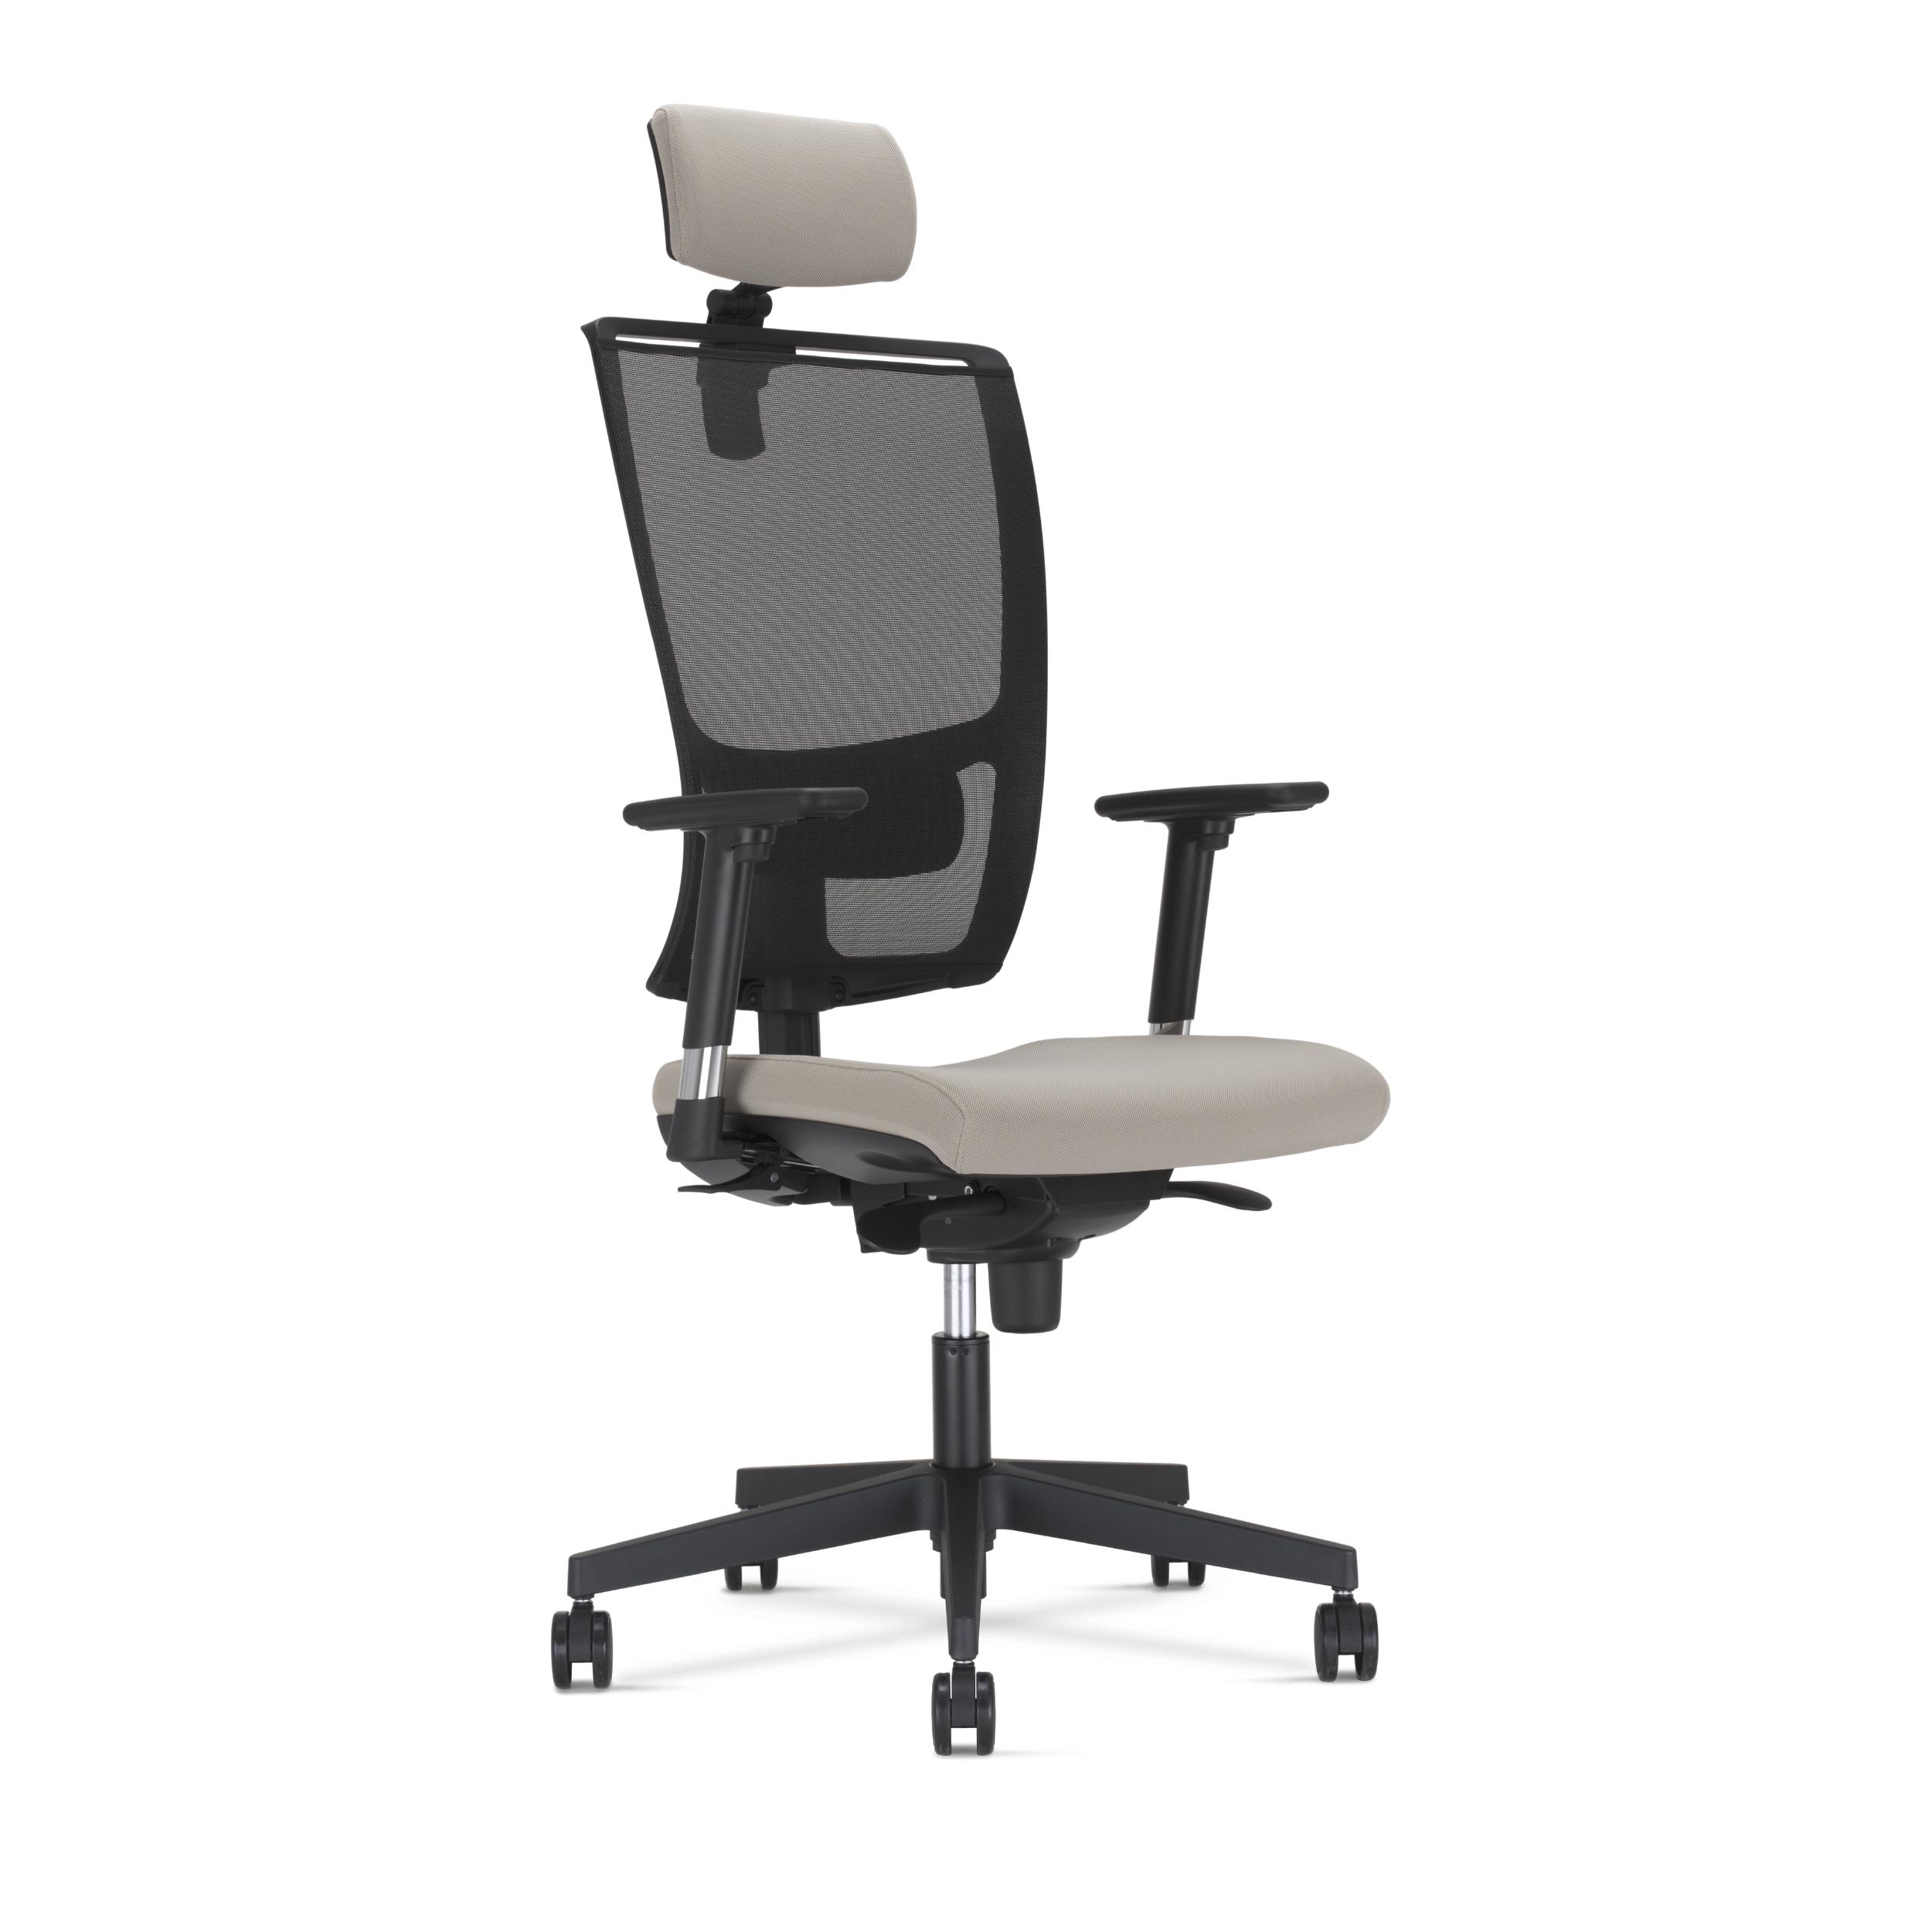 krzesło_Z-body Trade03